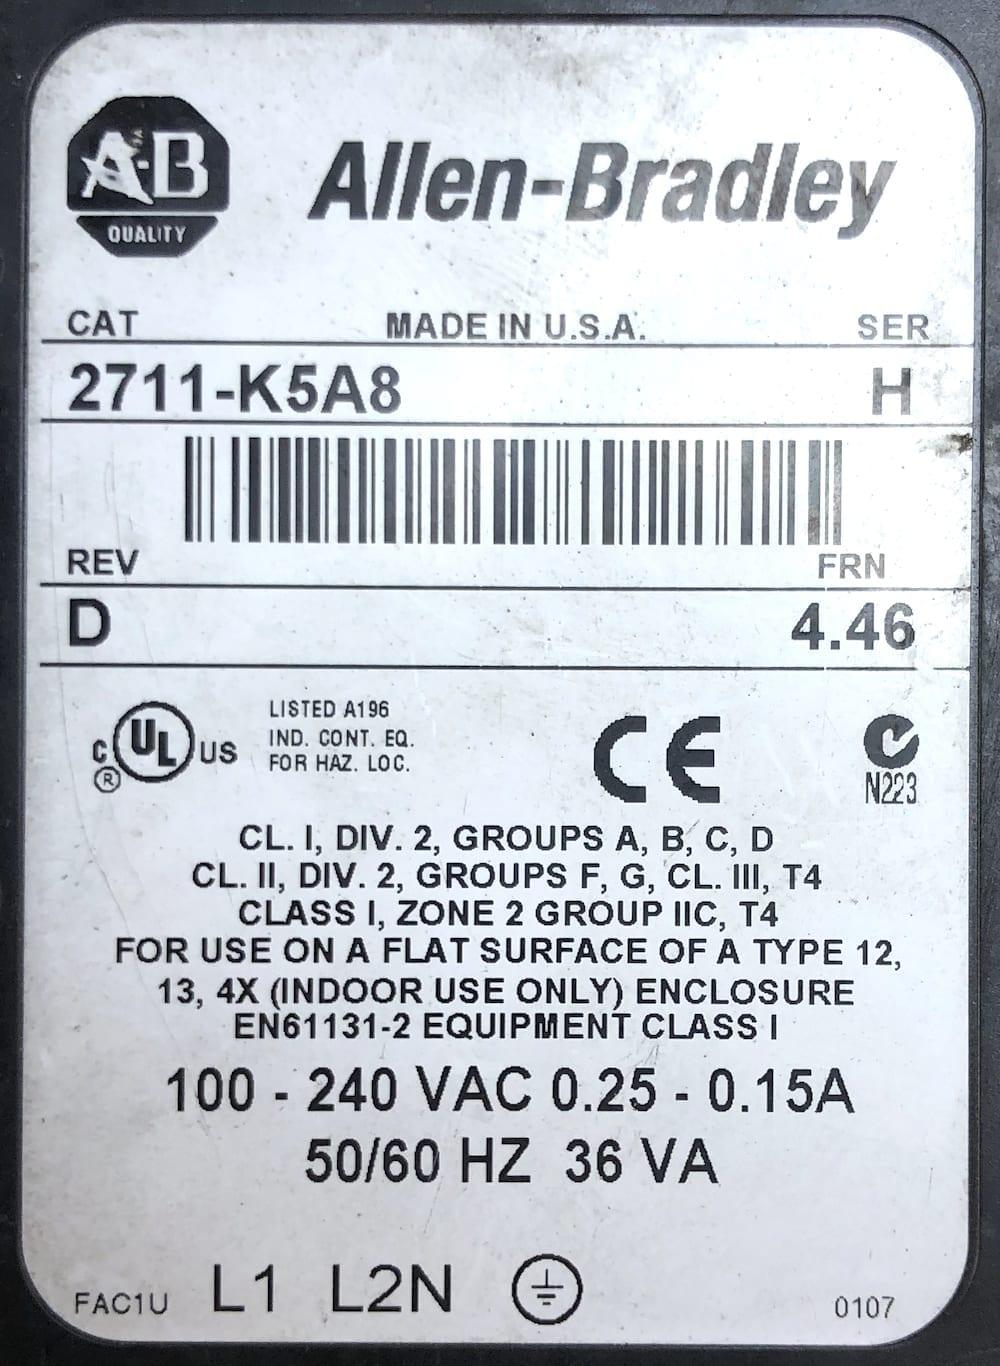 Allen Bradley 2711-K5A8